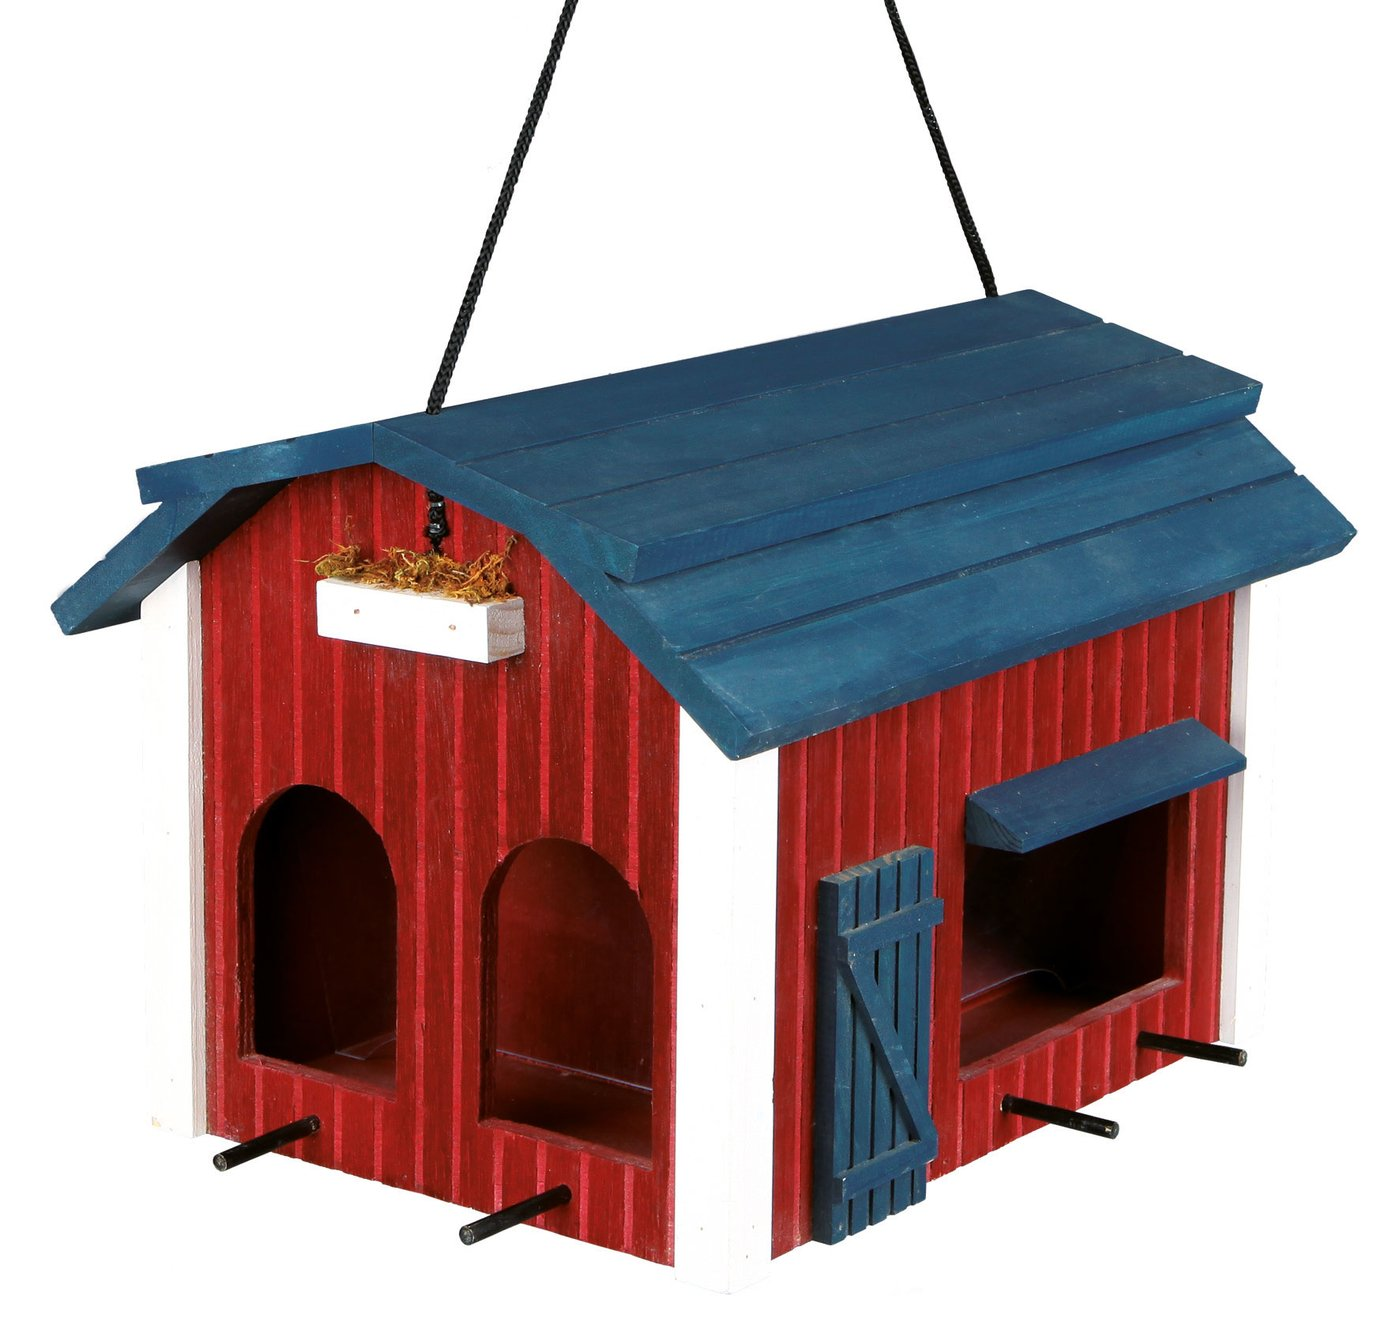 Trixie Mangeoire Suspendue Grange en Bois Rouge pour Oiseaux 24 x 22 x 32 cm 55853